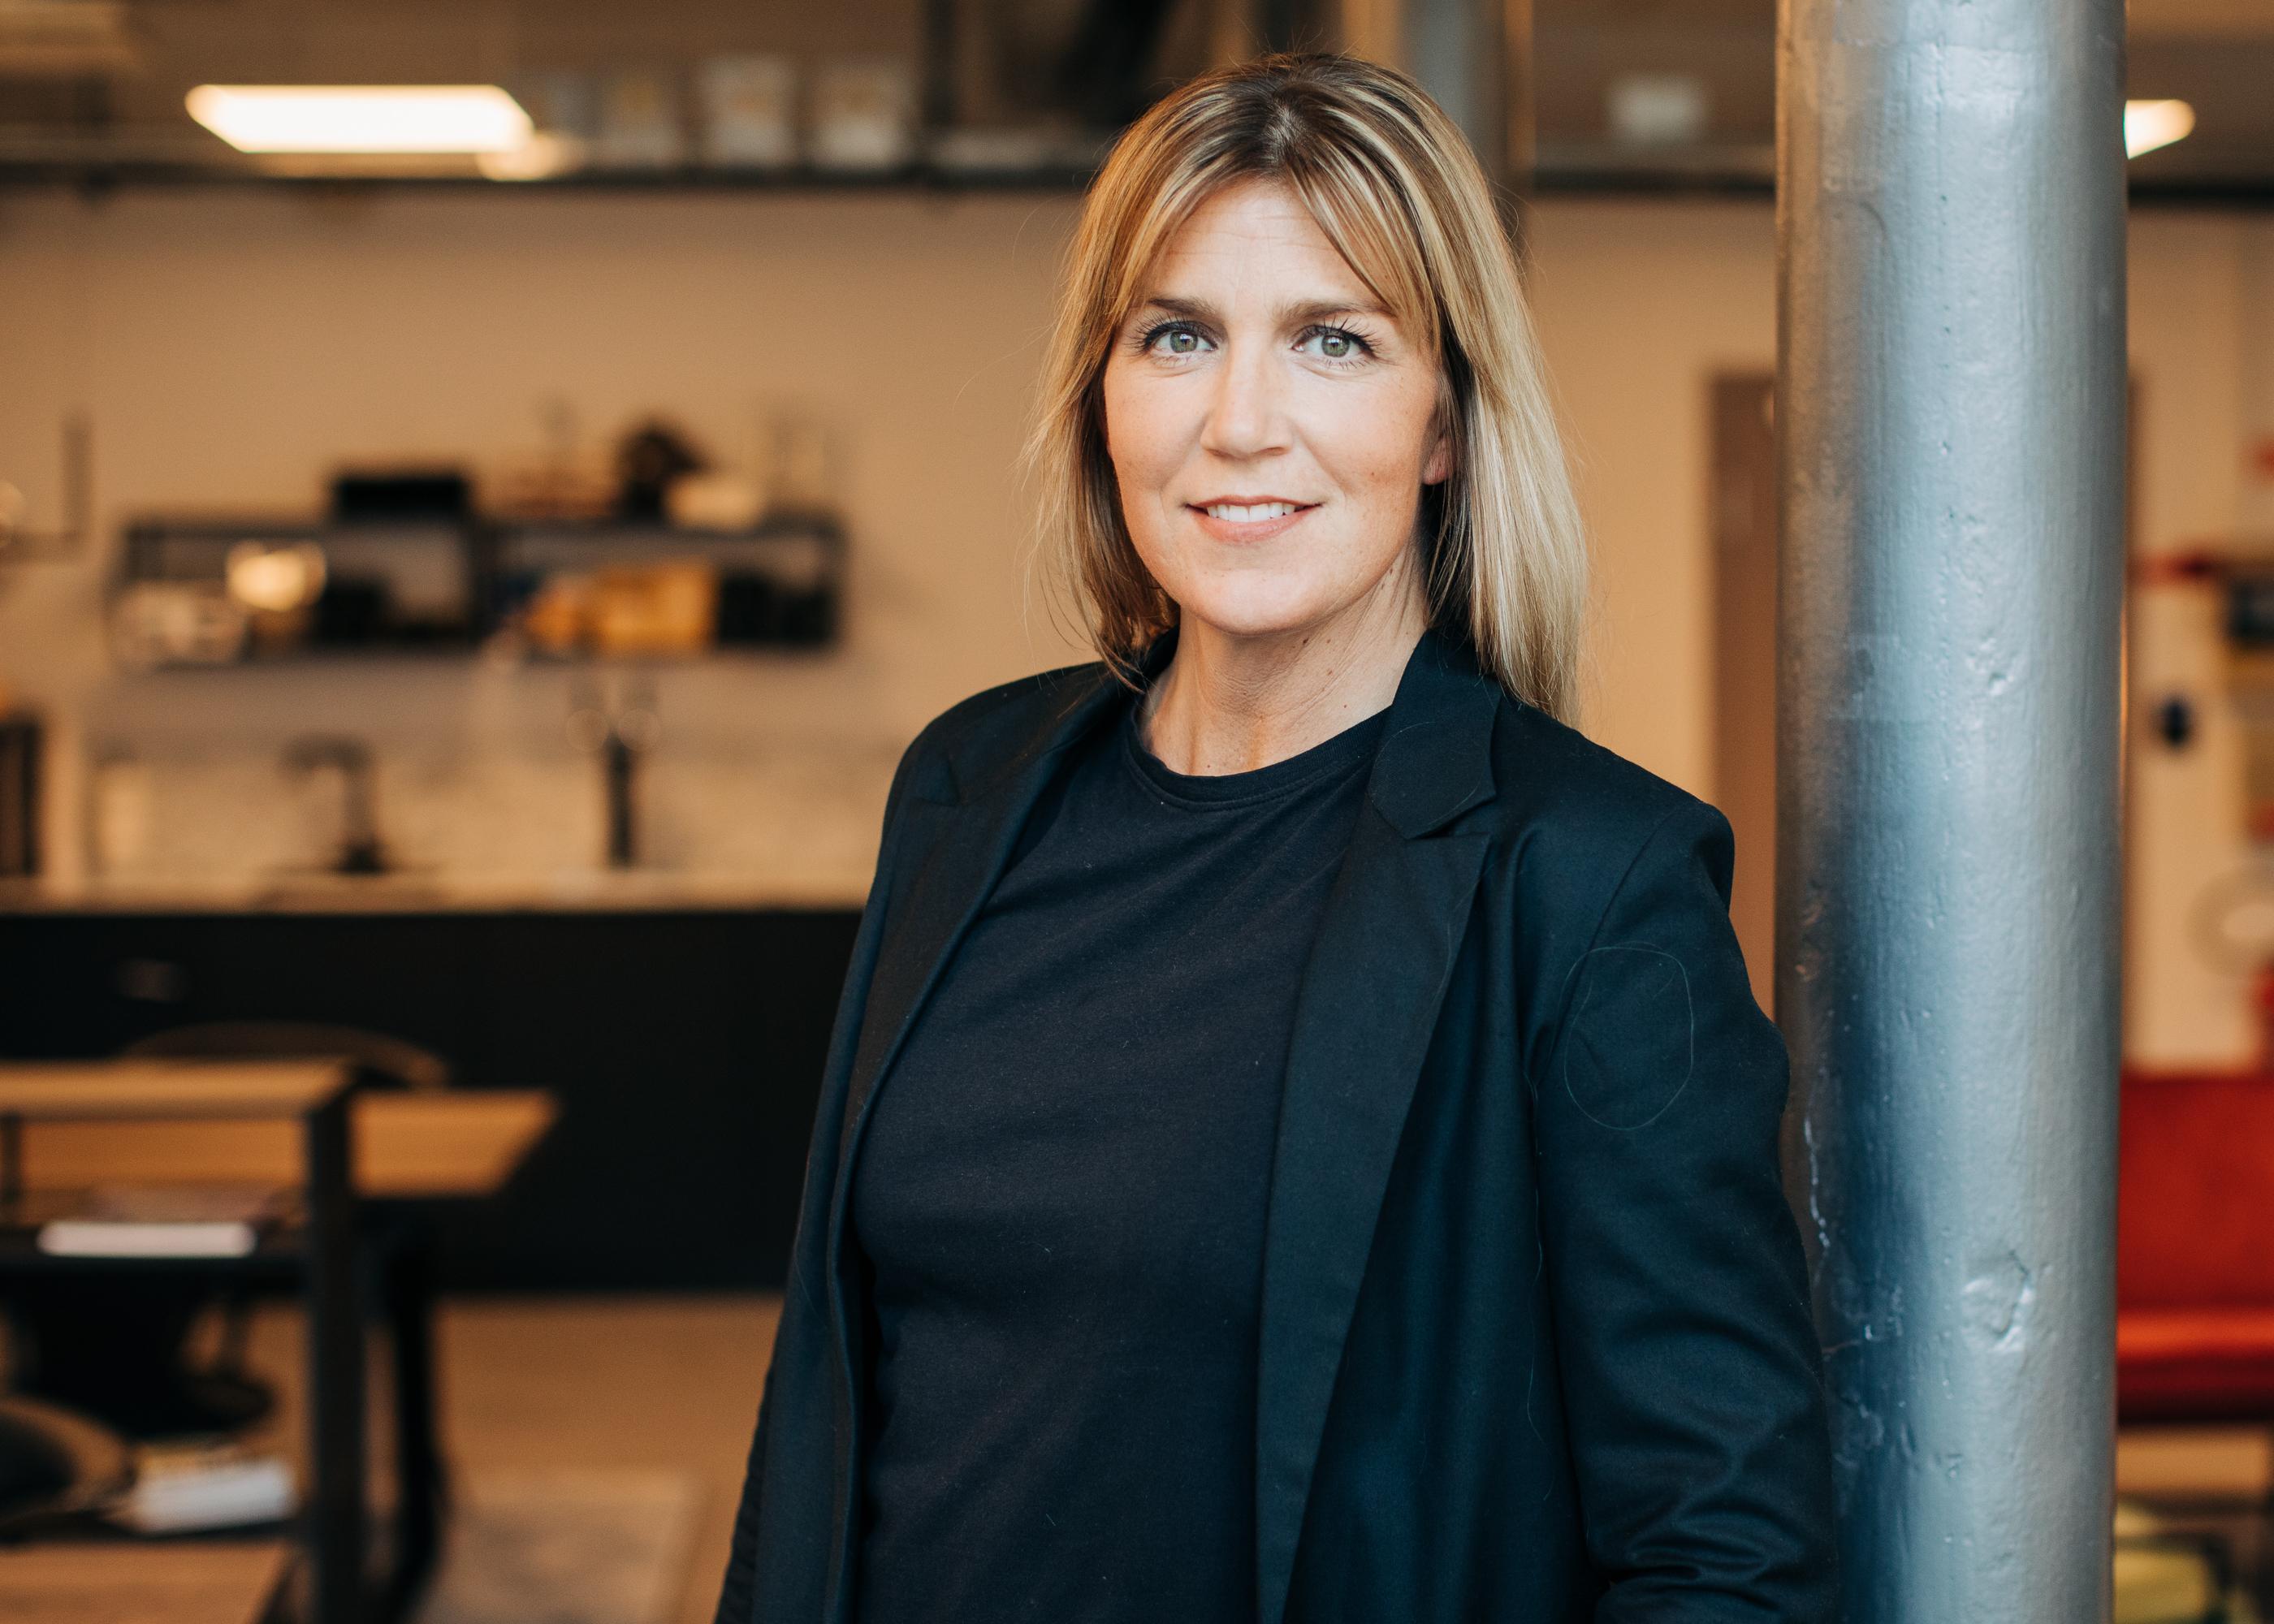 Lina Rönndahl